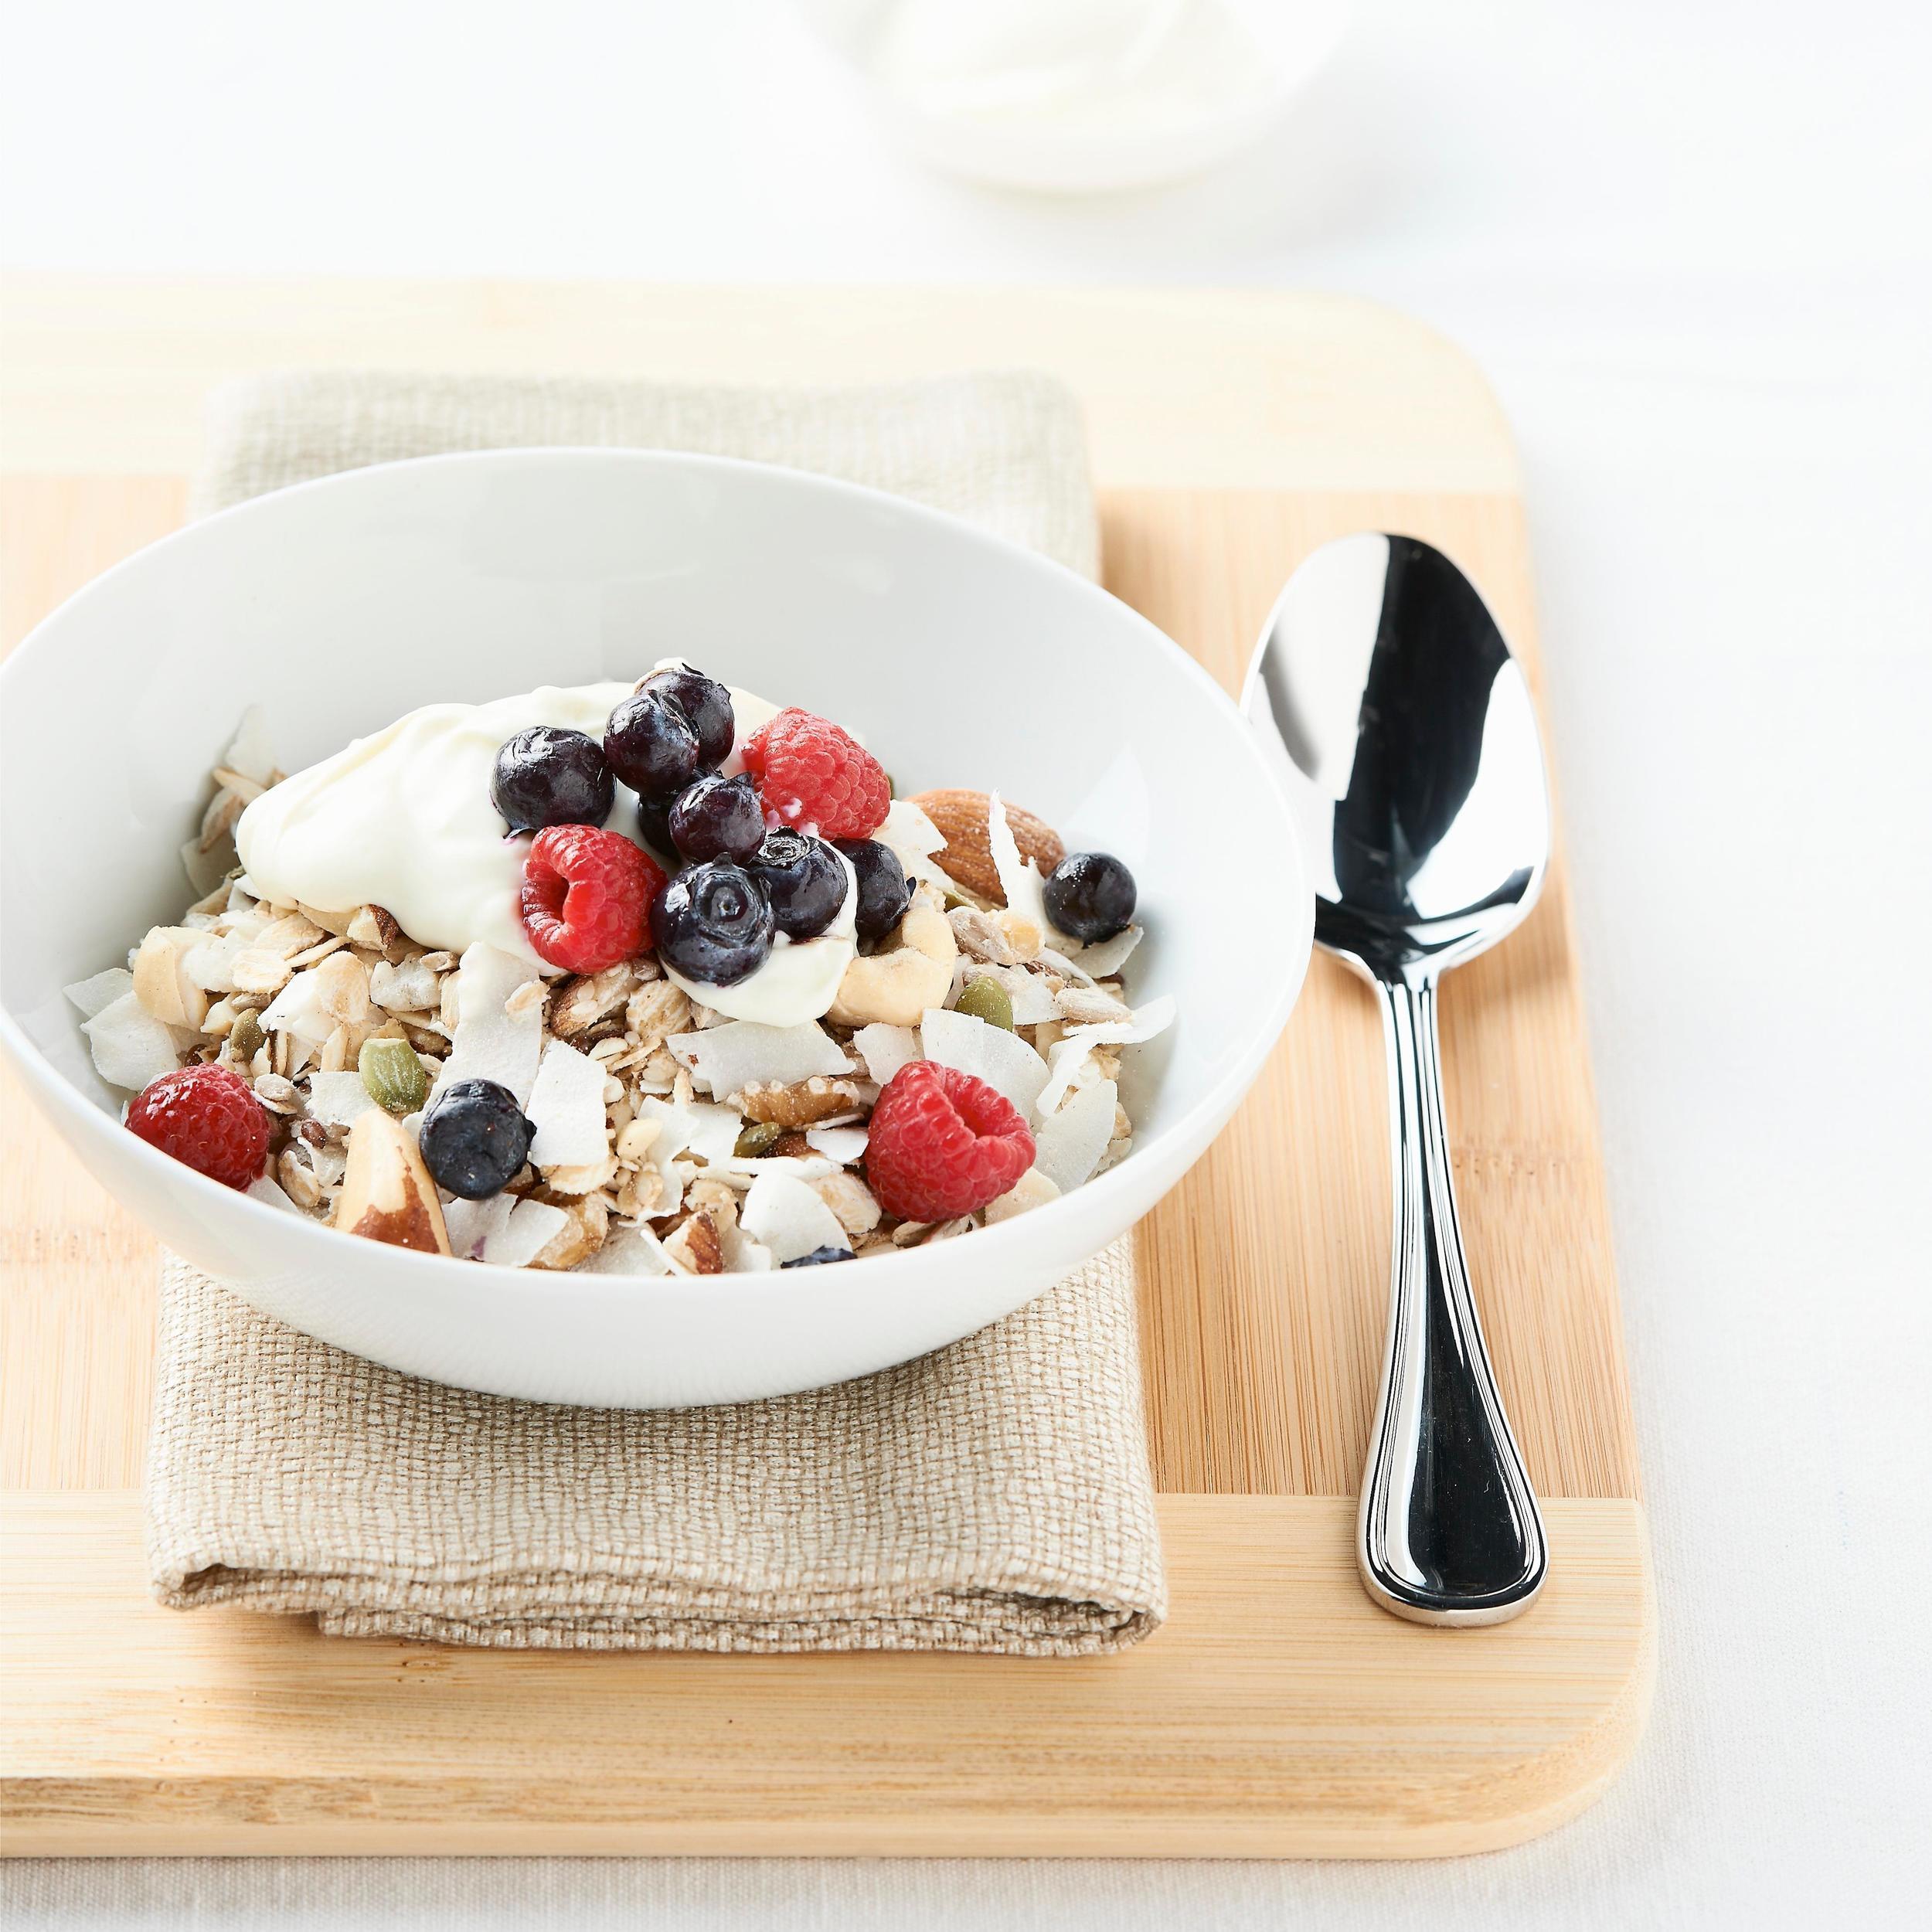 Bowl with Fruit_Yoghurt (HR) 0264#8BD9.jpg